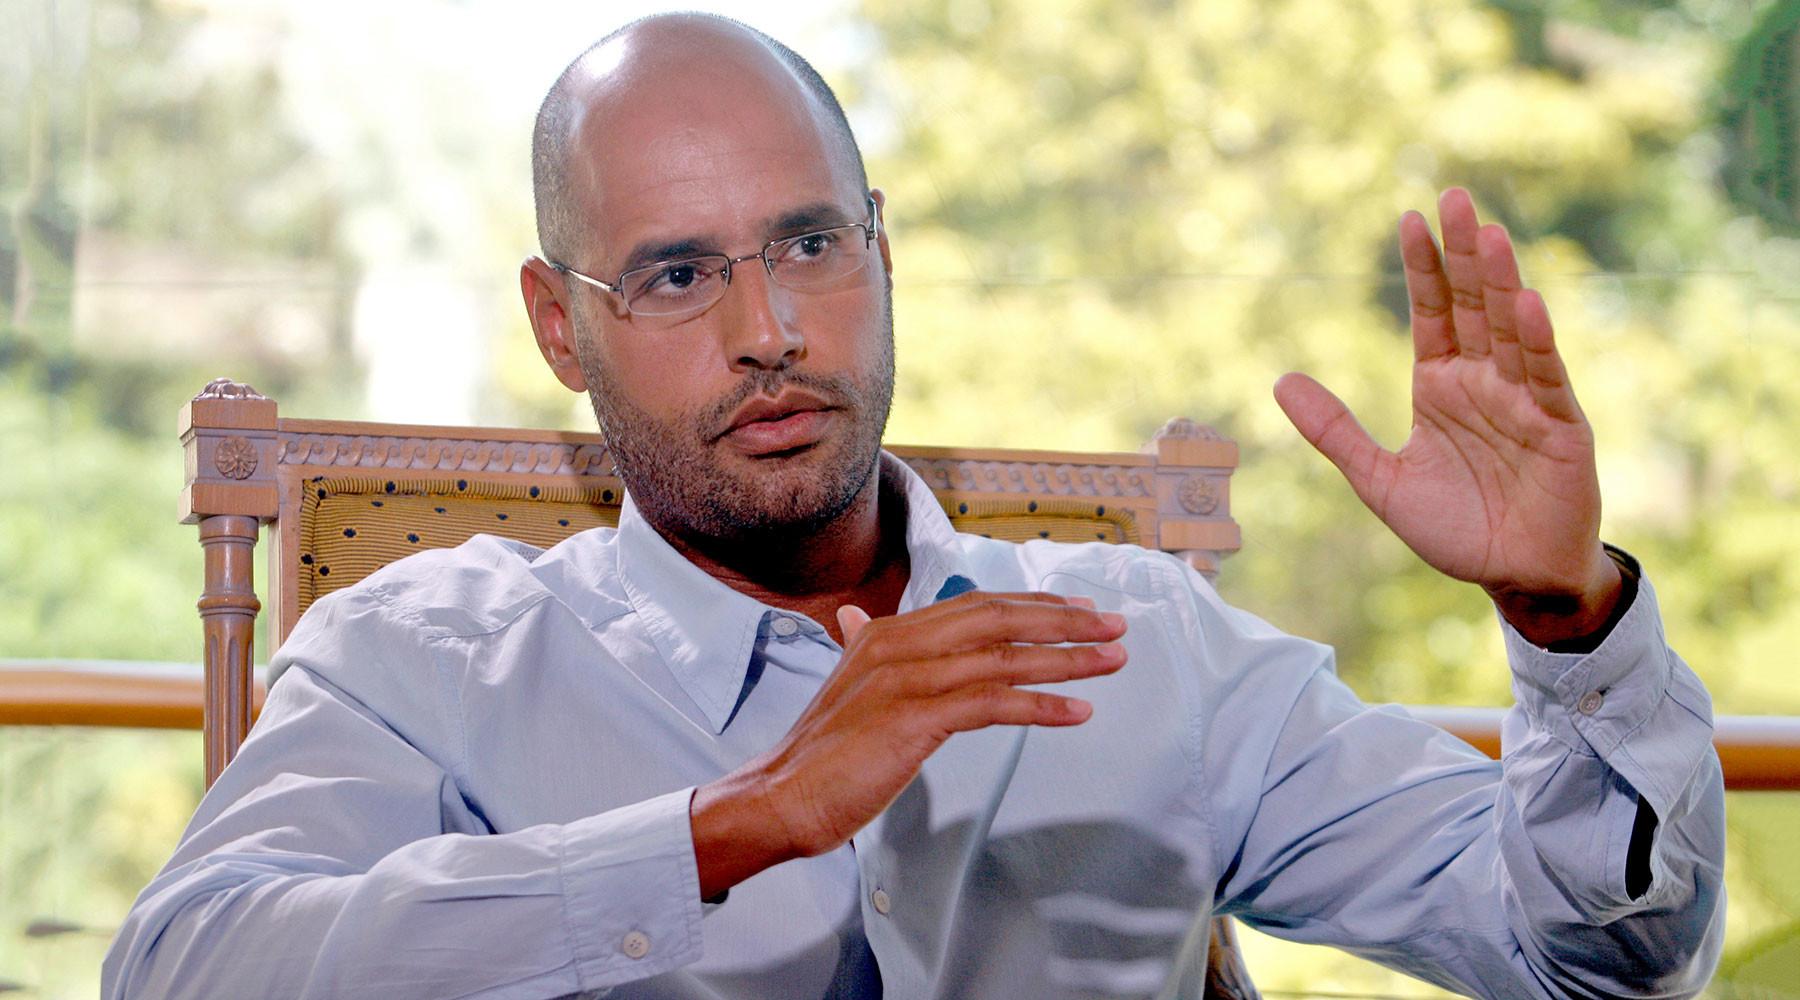 «Мир ждут большие сюрпризы»: сына Каддафи Саифа аль-Ислама освободили по амнистии